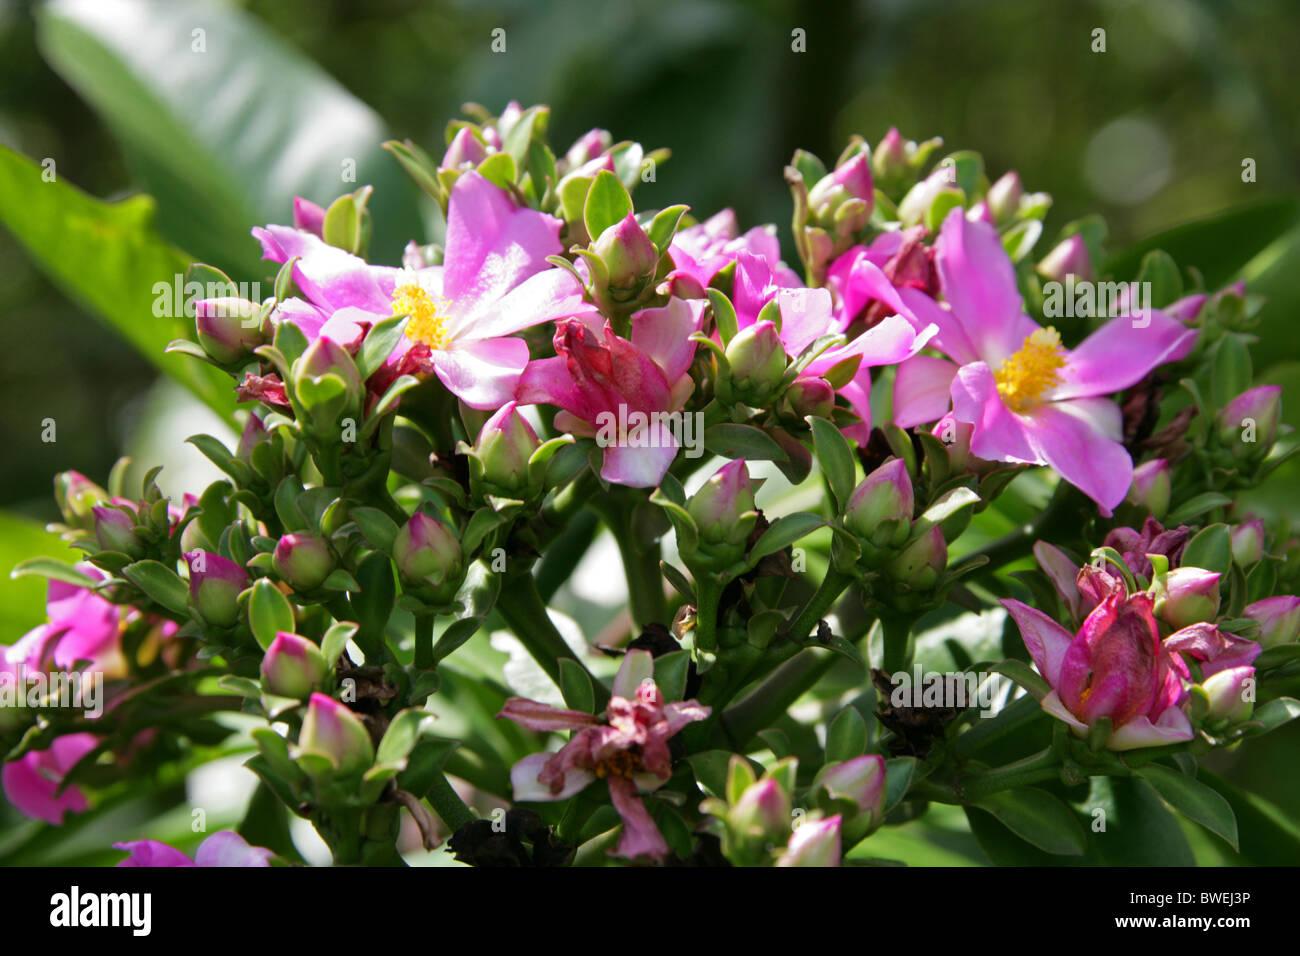 Pink Flowering Bushes Stock Photos Pink Flowering Bushes Stock